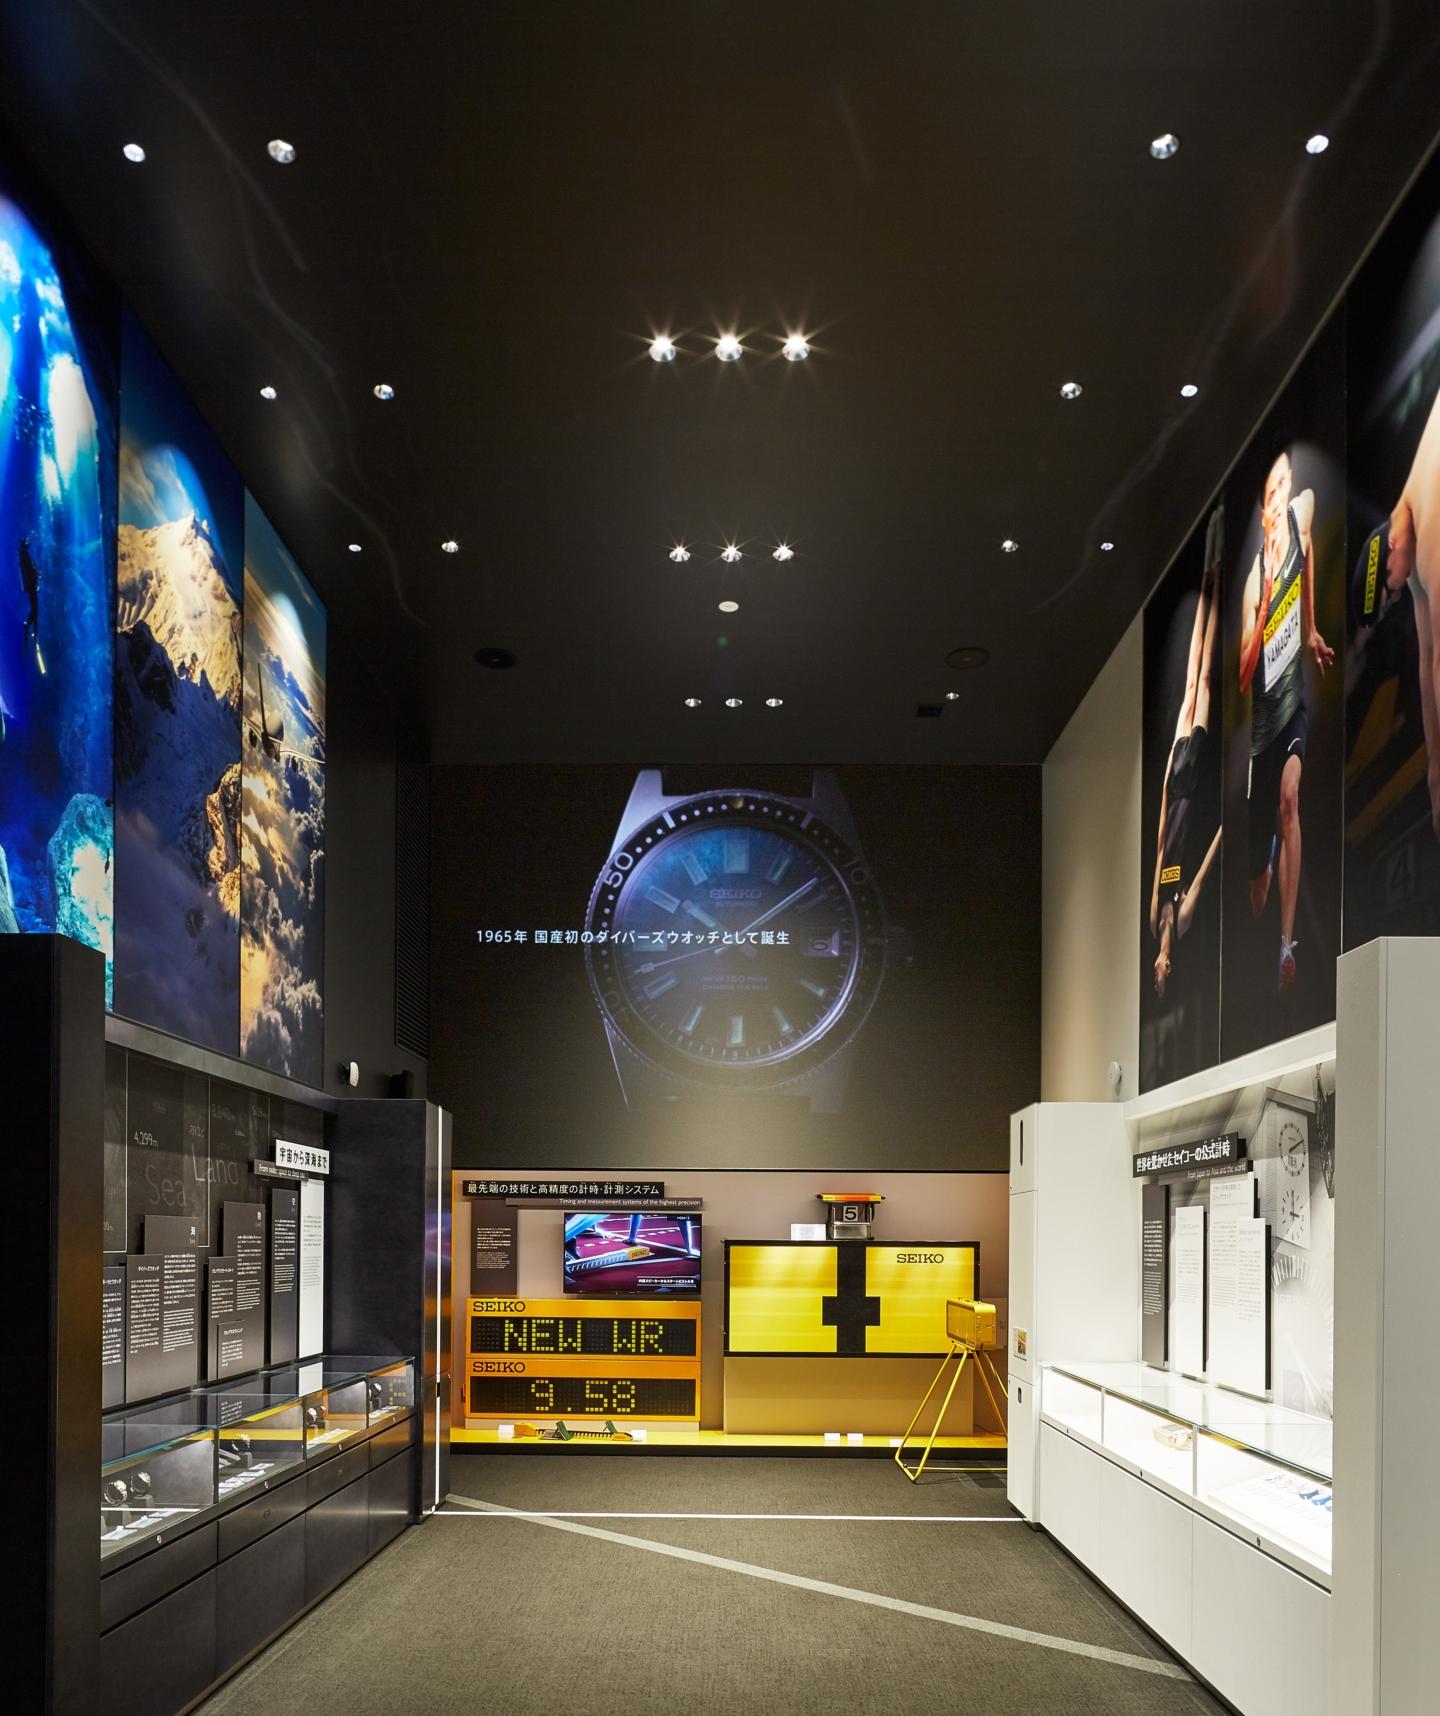 【セイコー】セイコーミュージアム 銀座 創業の地に移転オープン